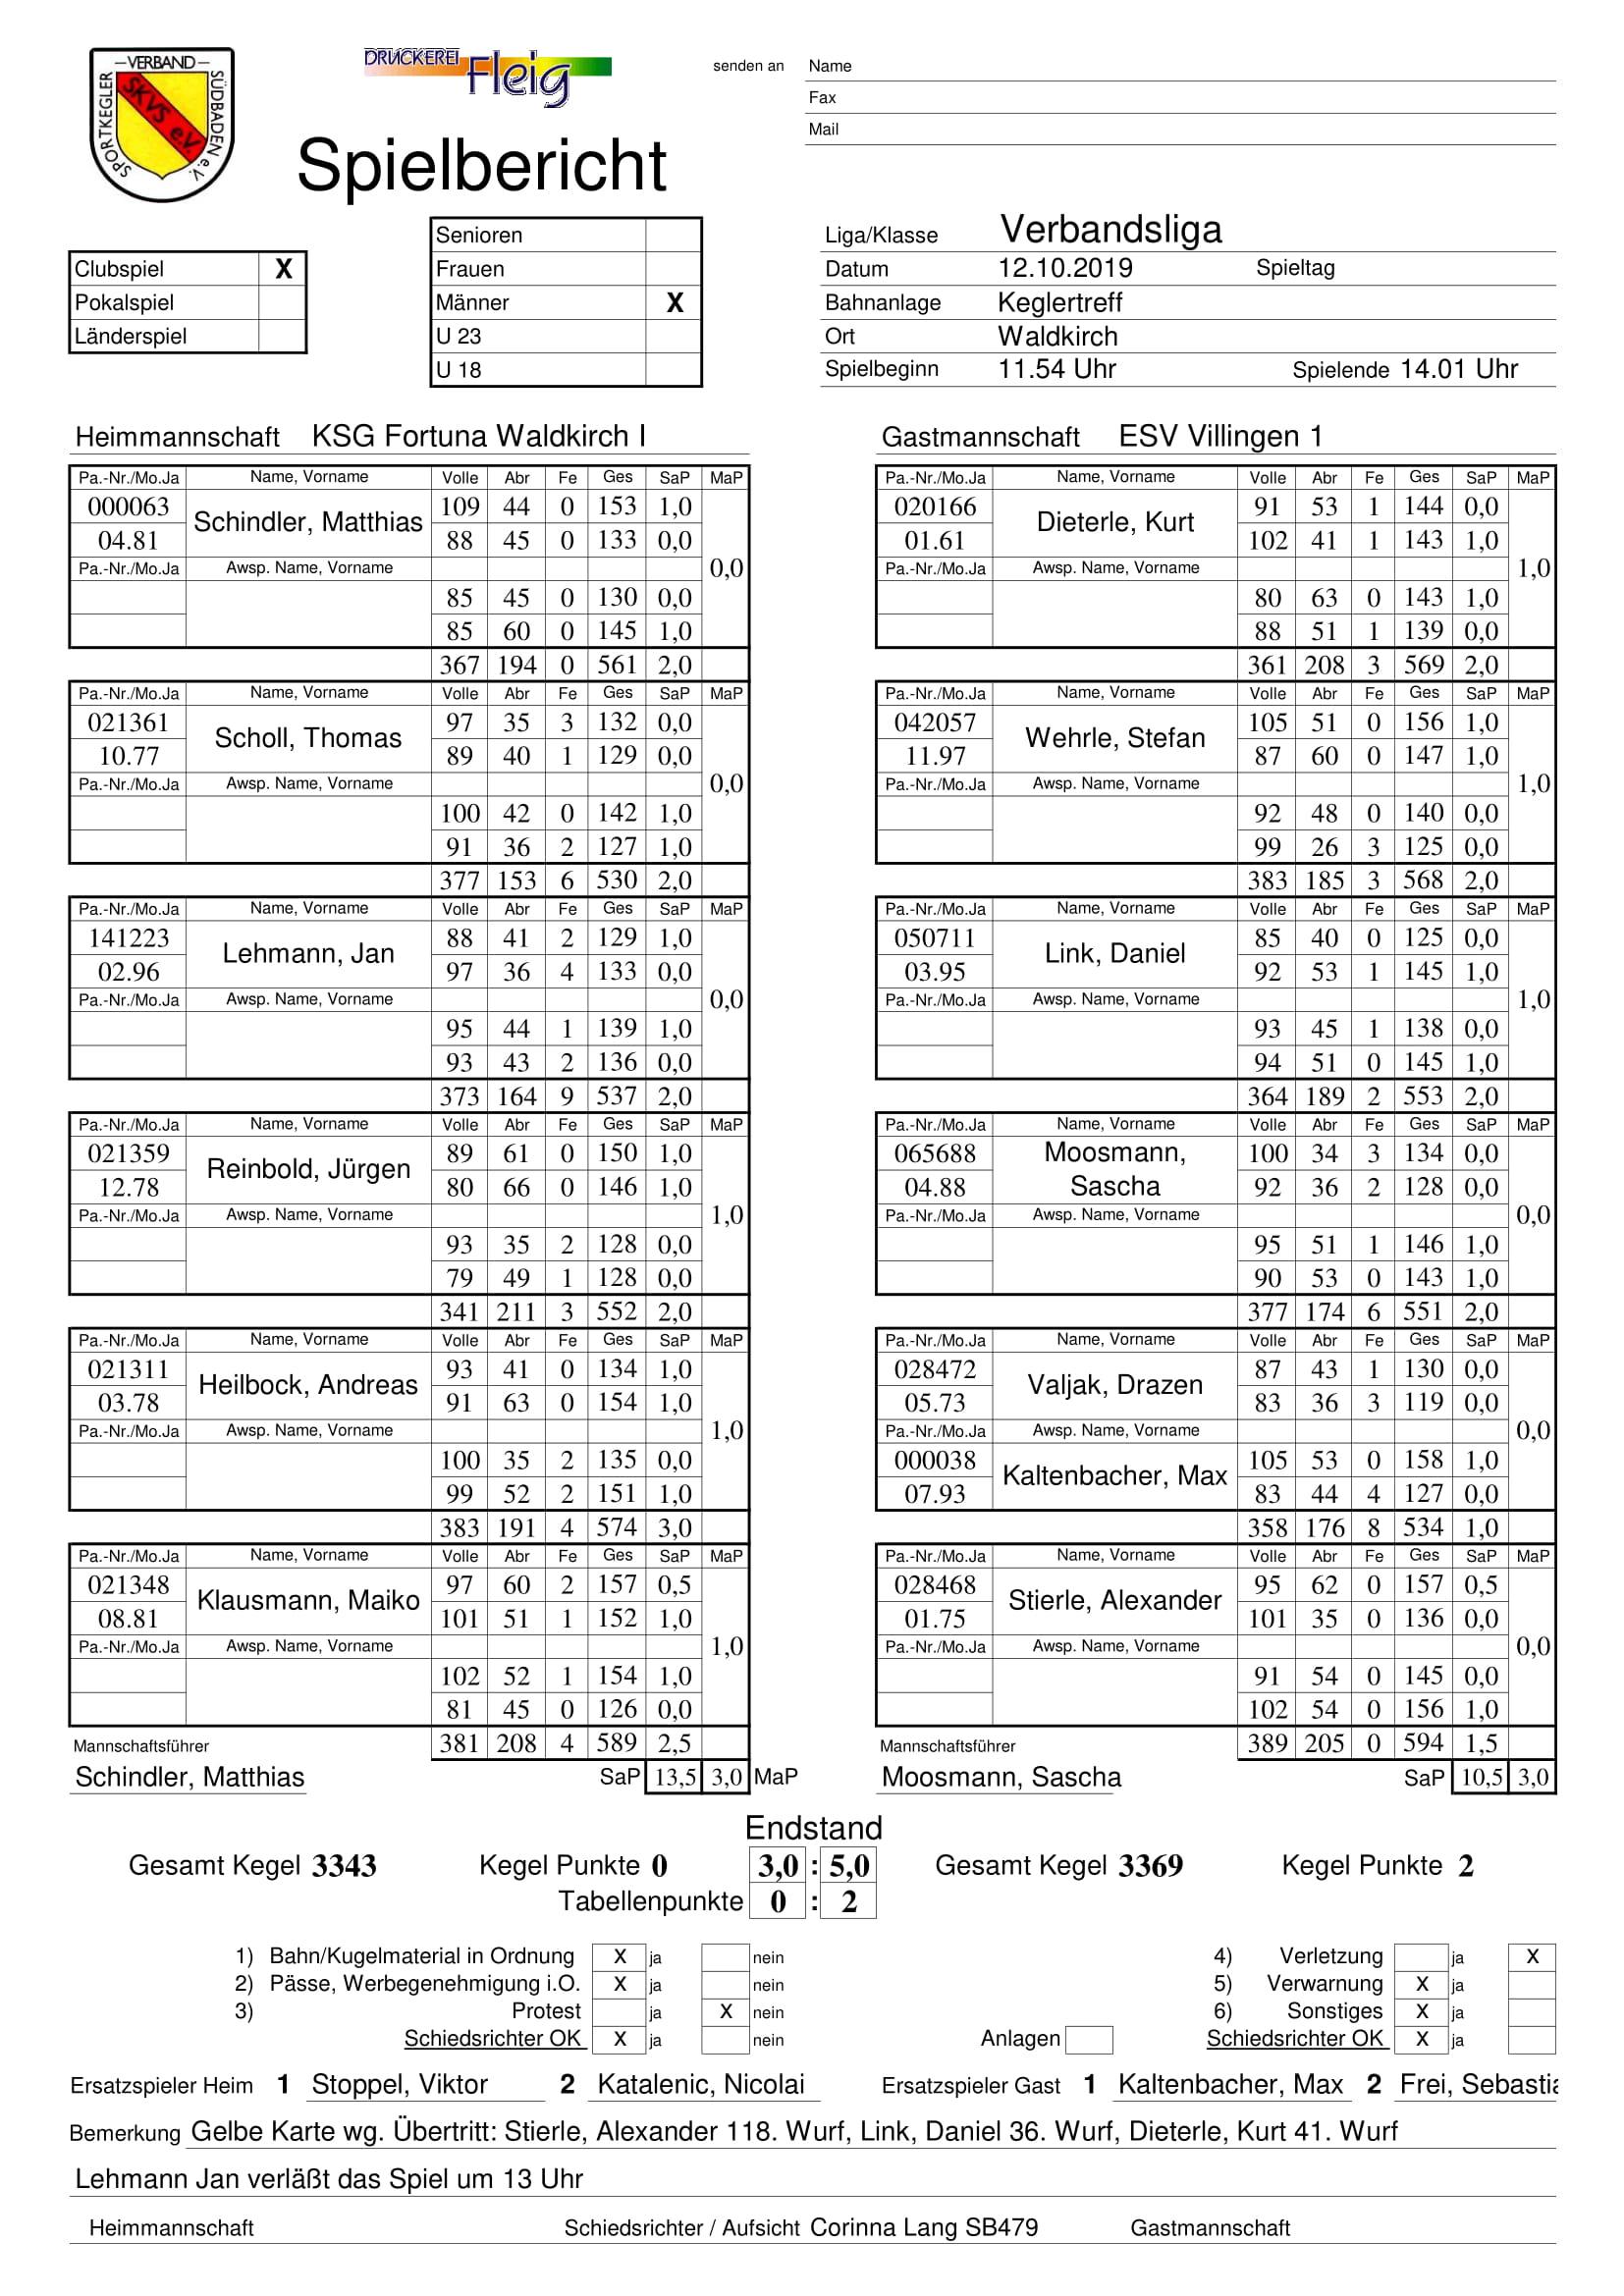 ESV Villingen 1 Gegen KSG Fortuna Waldkirch 1